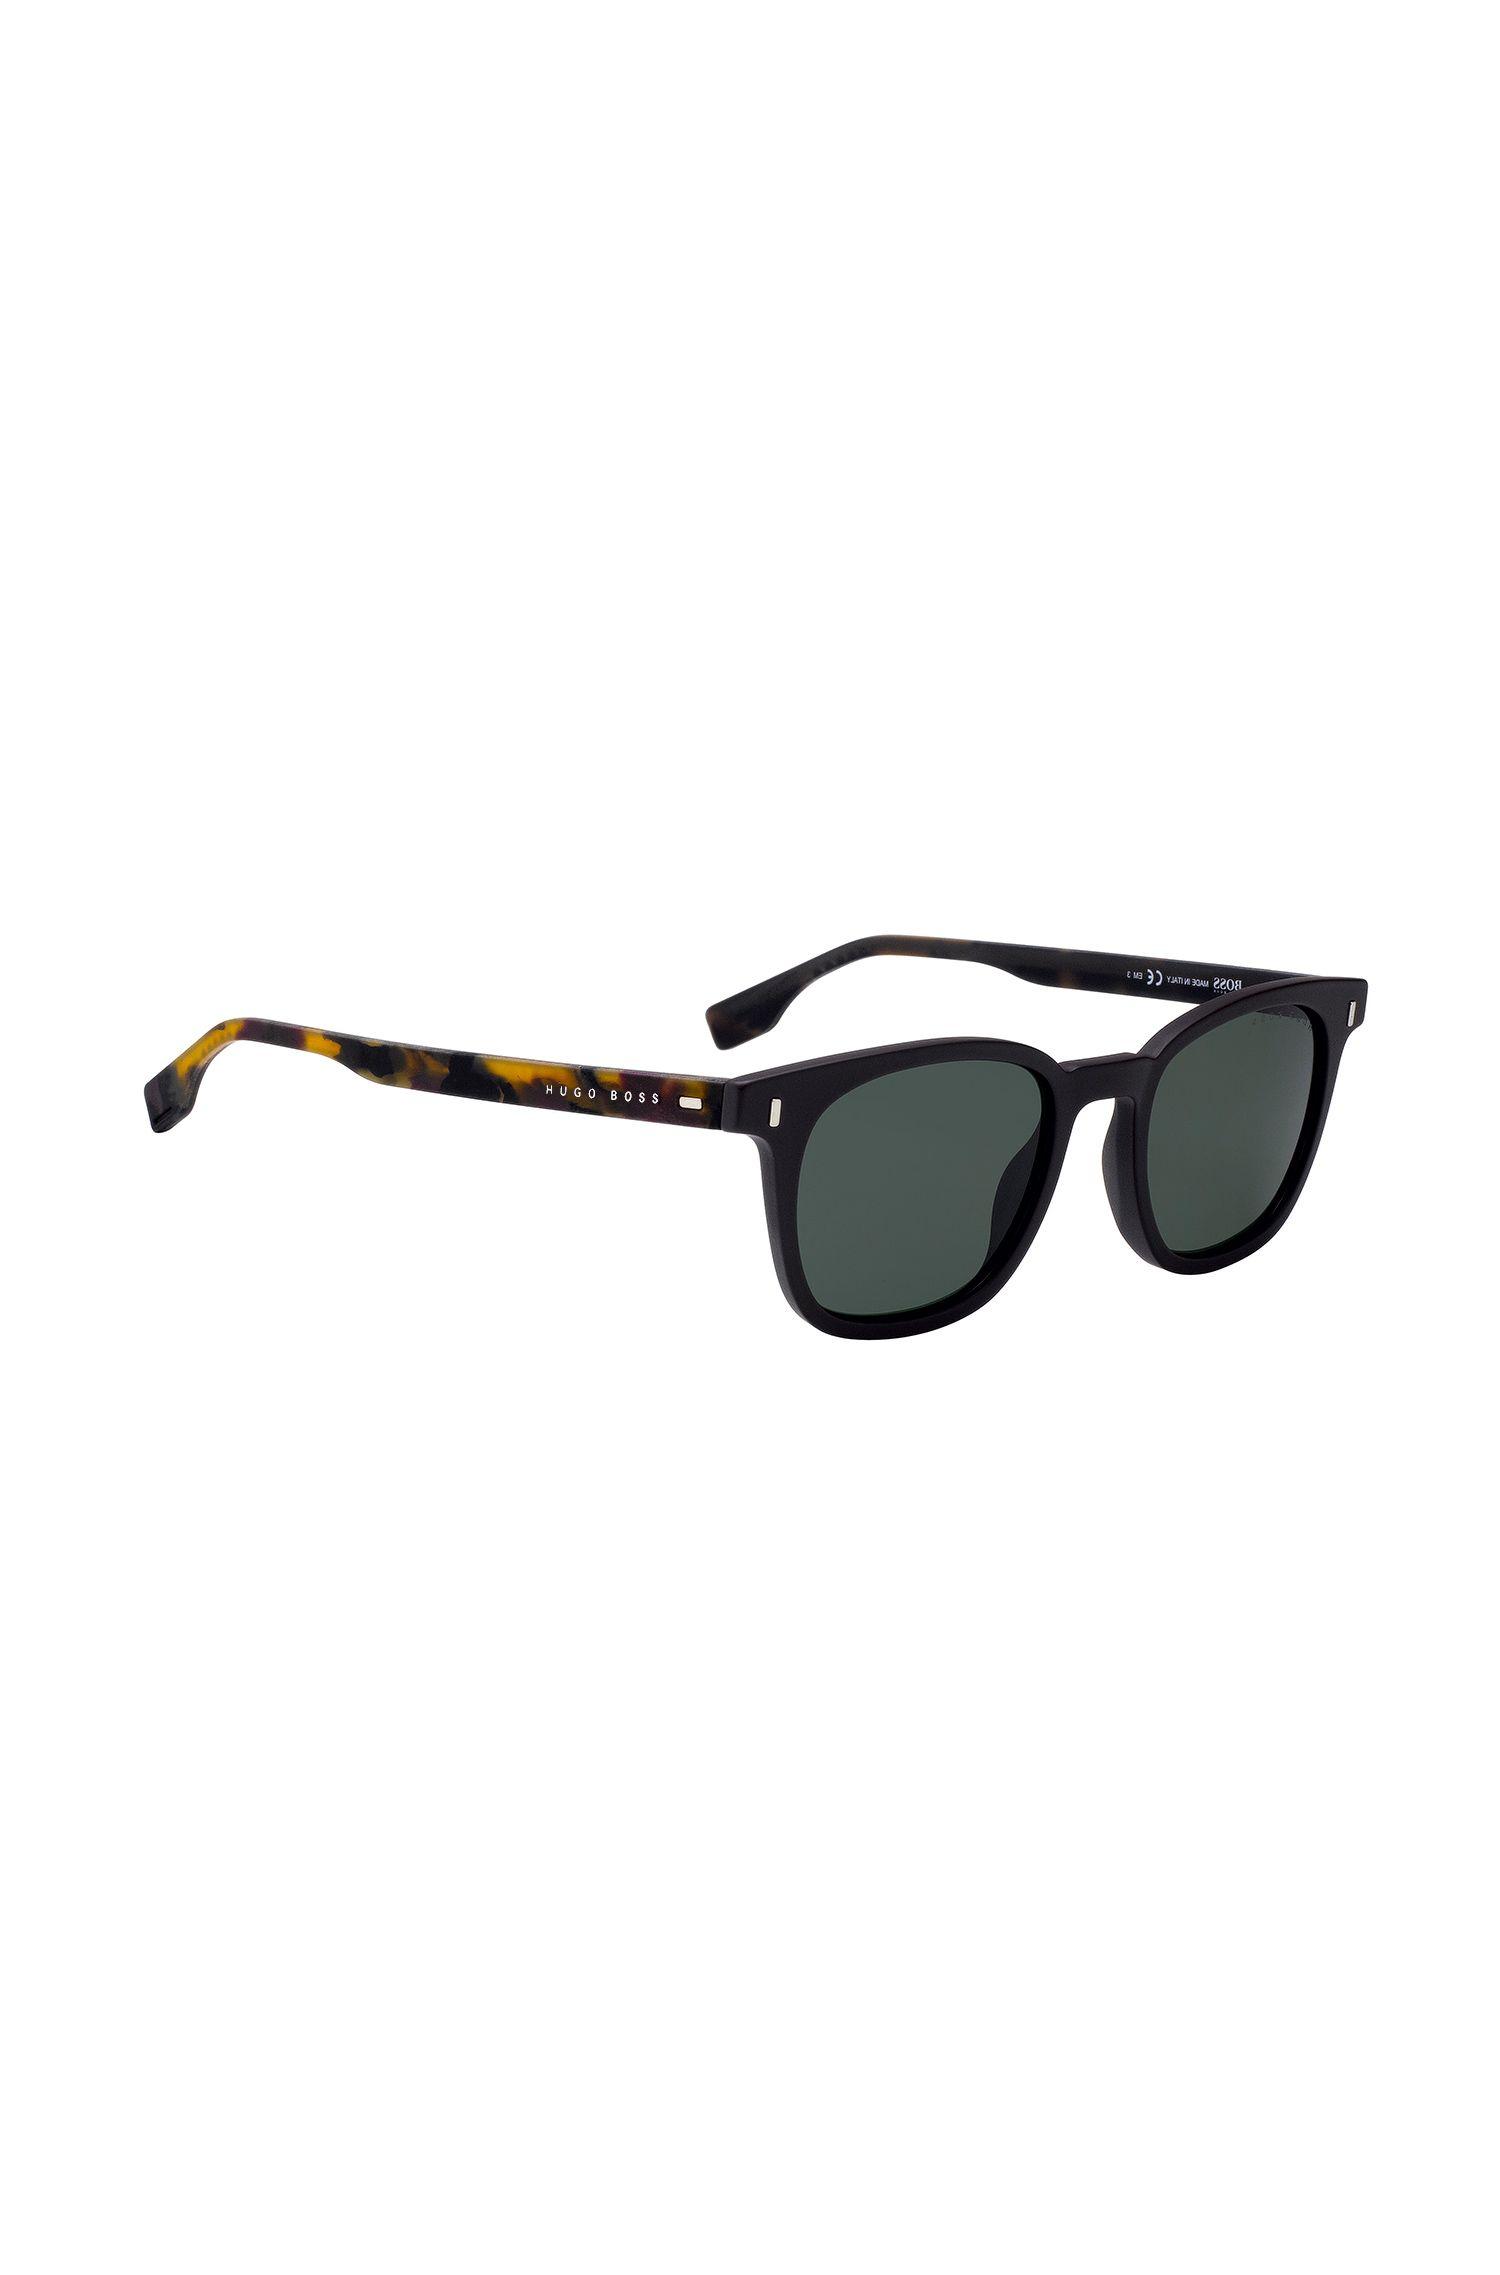 Sonnenbrille aus Acetat mit Havanna-Gummibügeln, Assorted-Pre-Pack